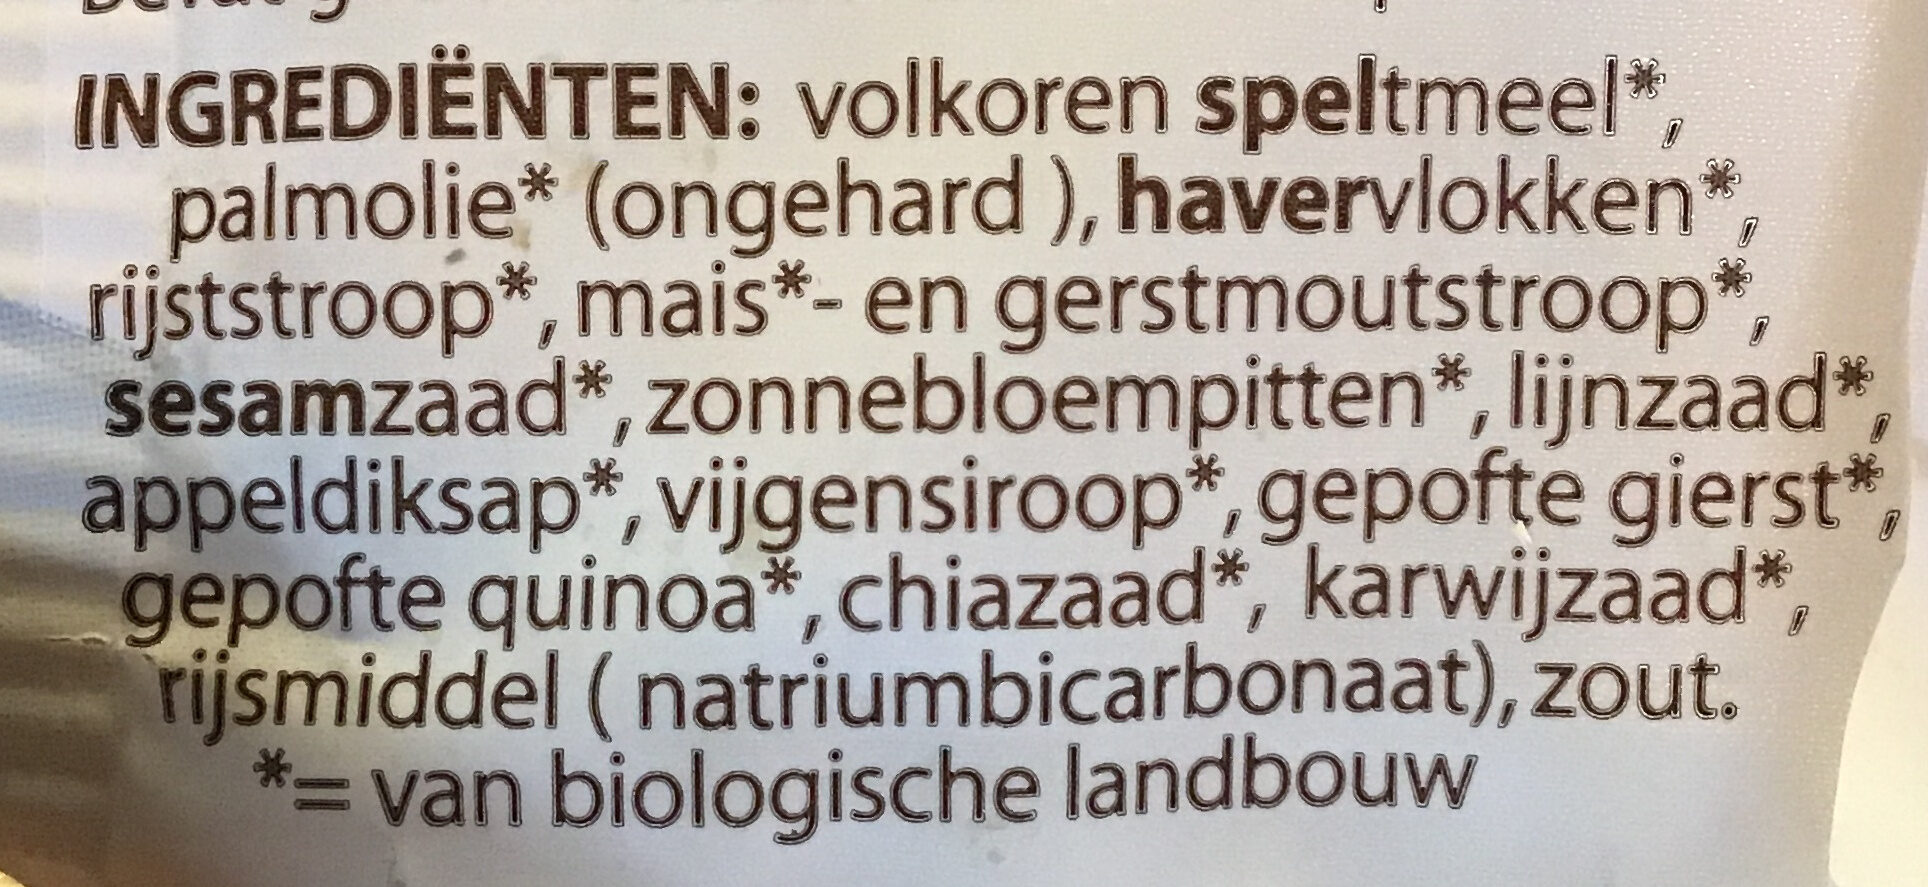 Spelt meerzadenkoek - Ingredients - nl